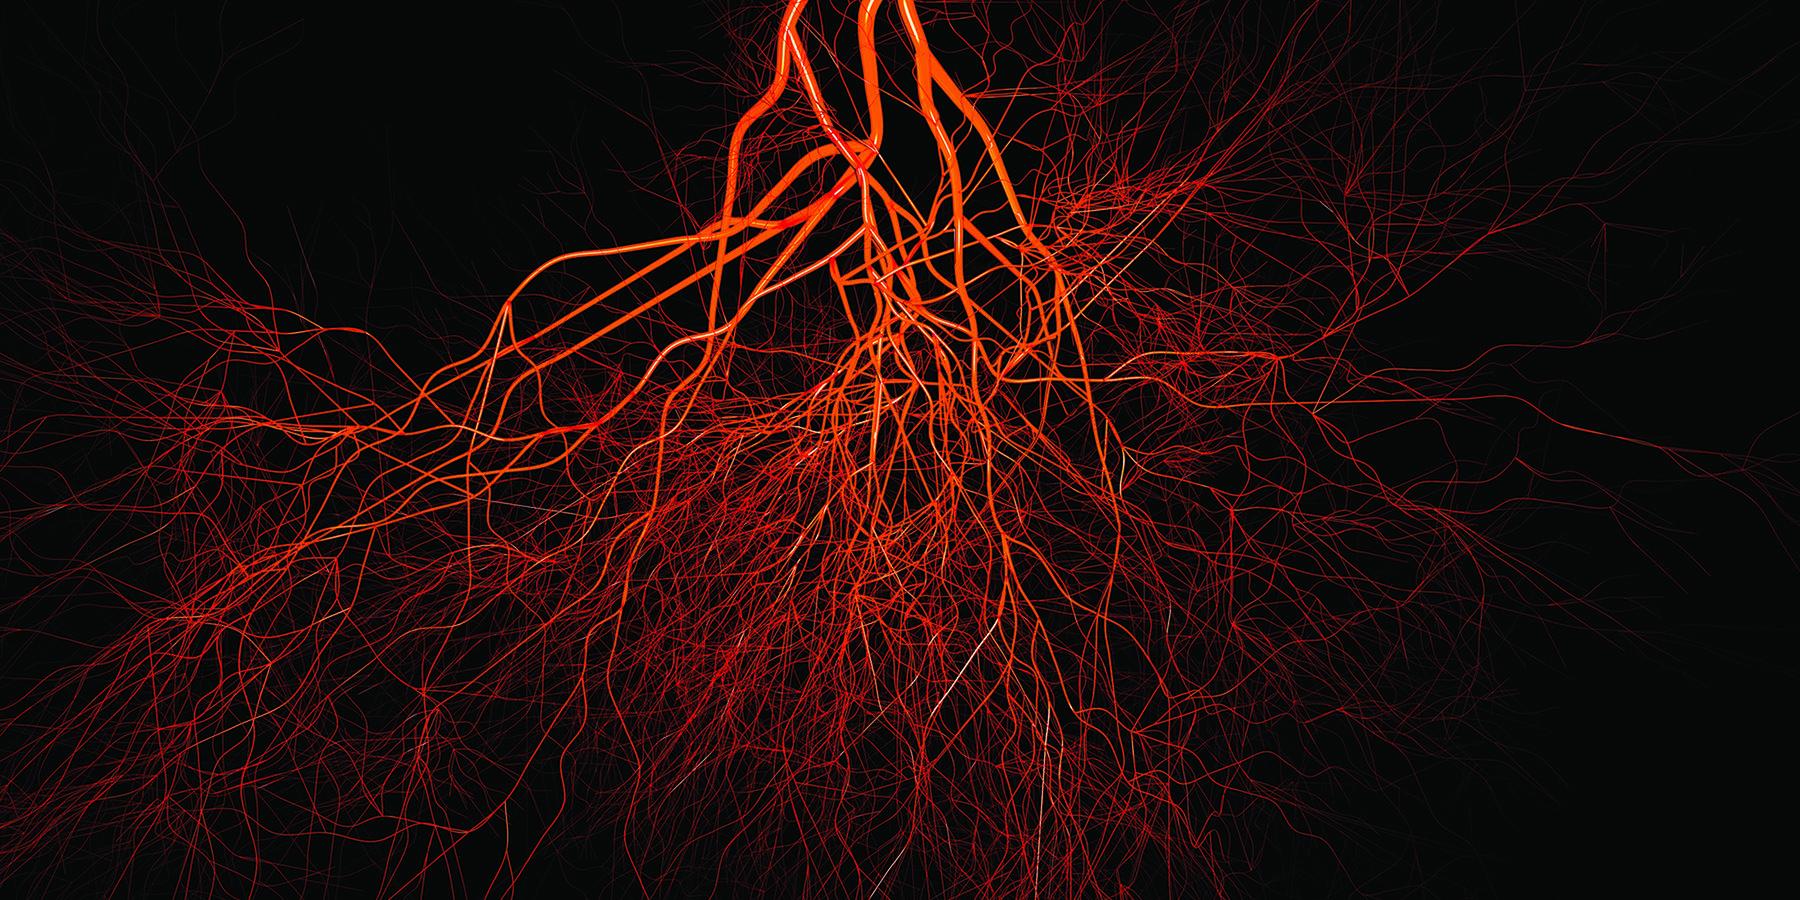 Женские кровеносные сосуды опередили мужские по скорости старения